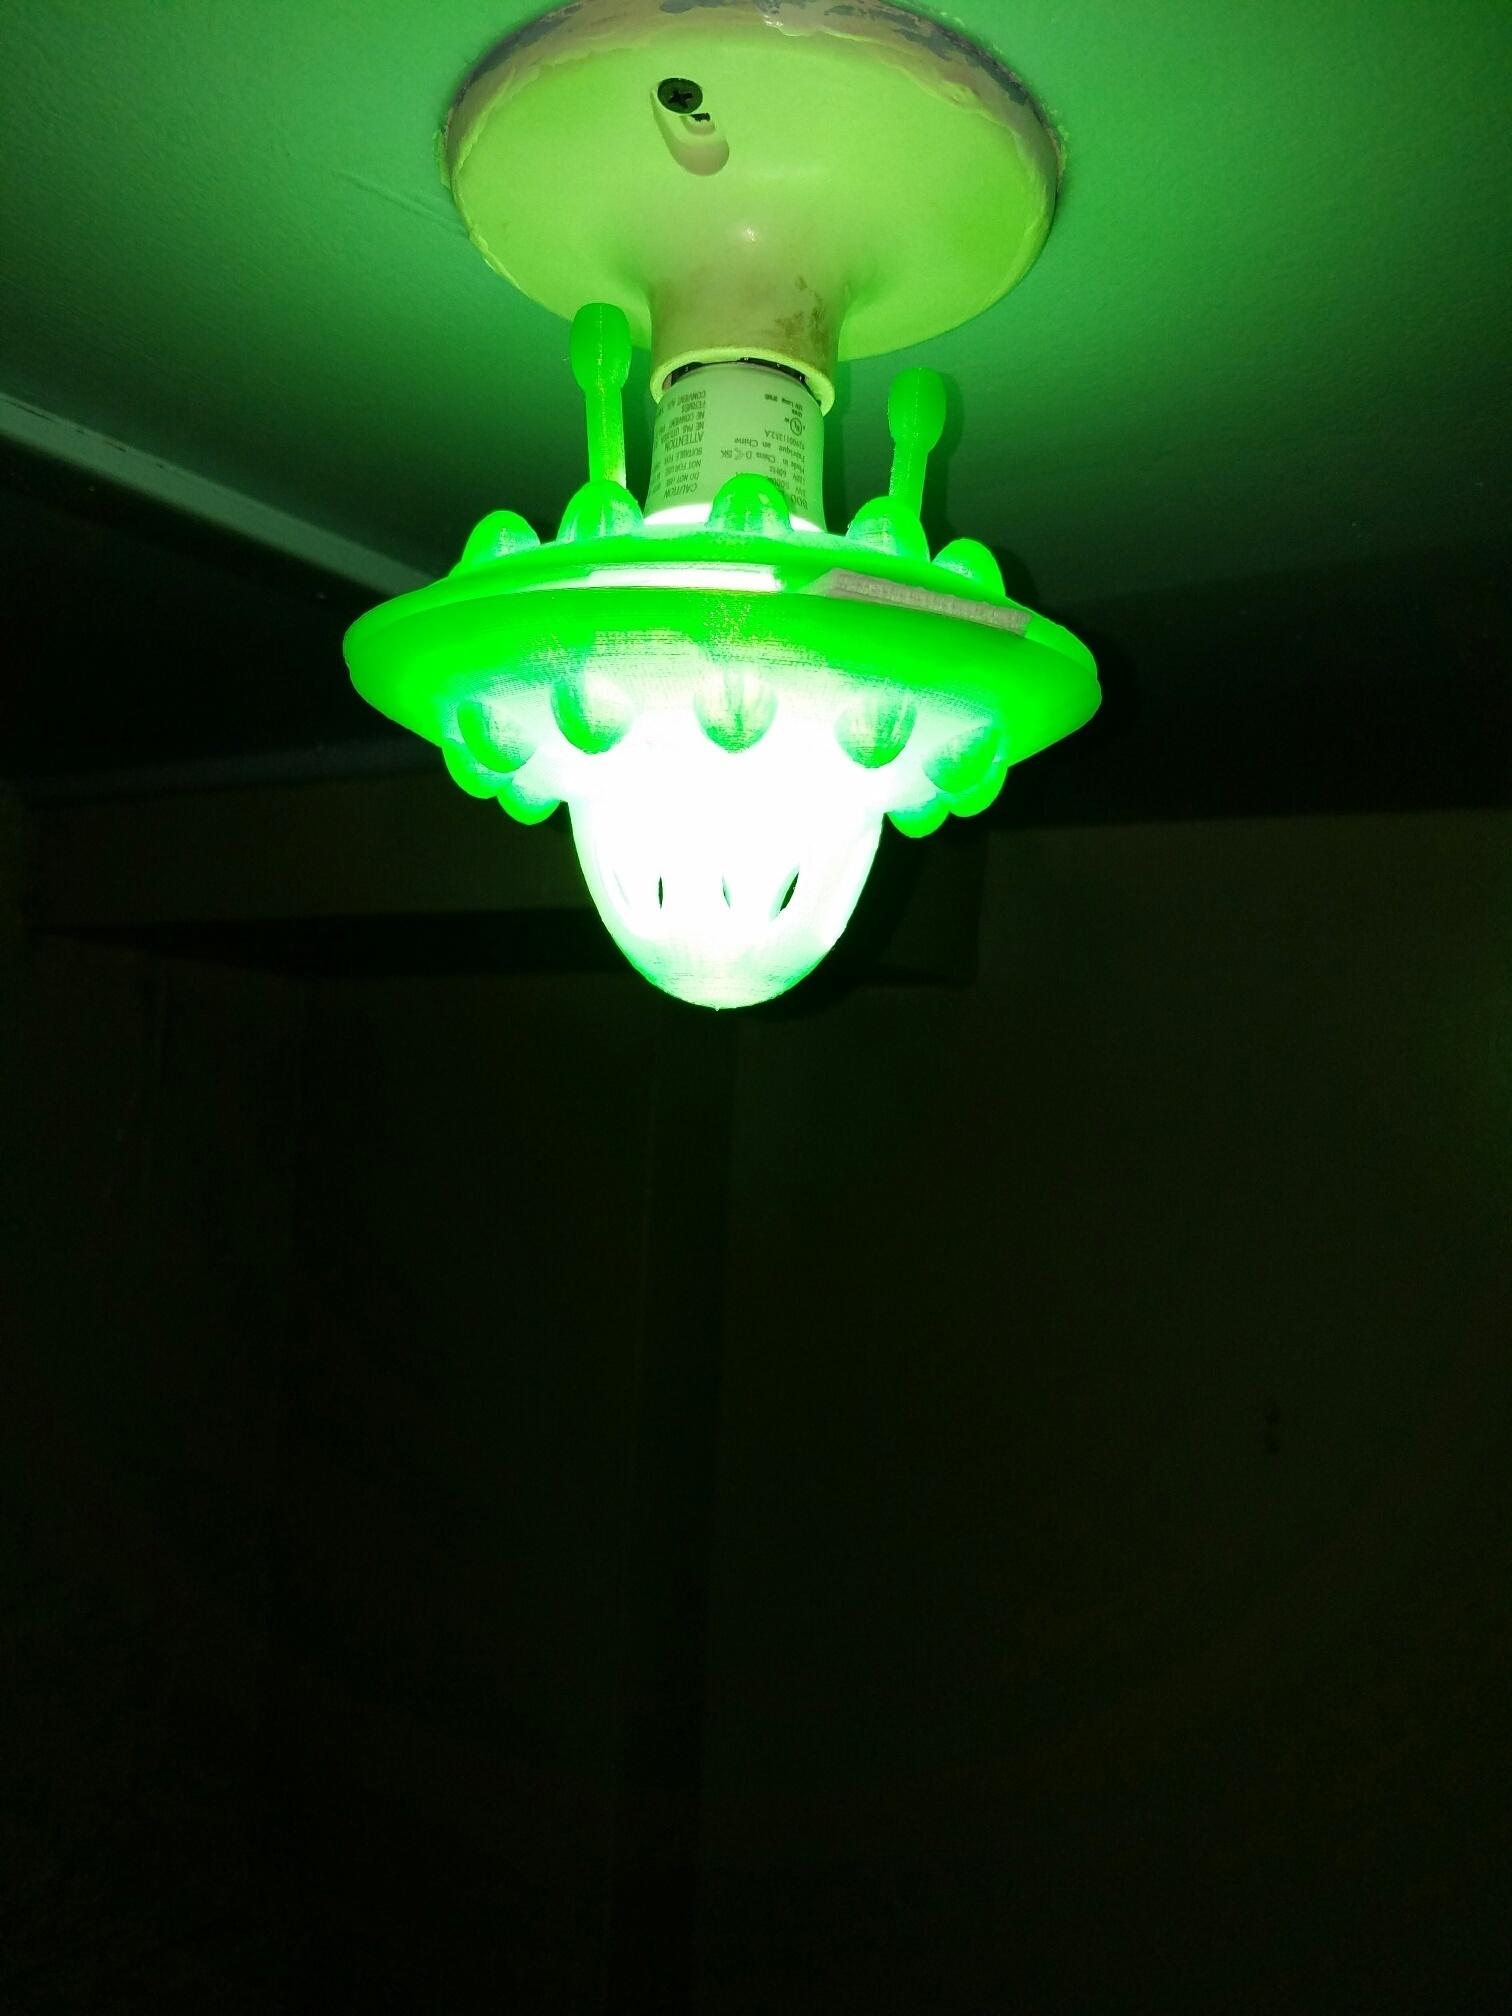 Flying saucer light fixtures light fixtures 3d printed flying saucer led lightbulb fixture by sonny rivas pinshape arubaitofo Gallery